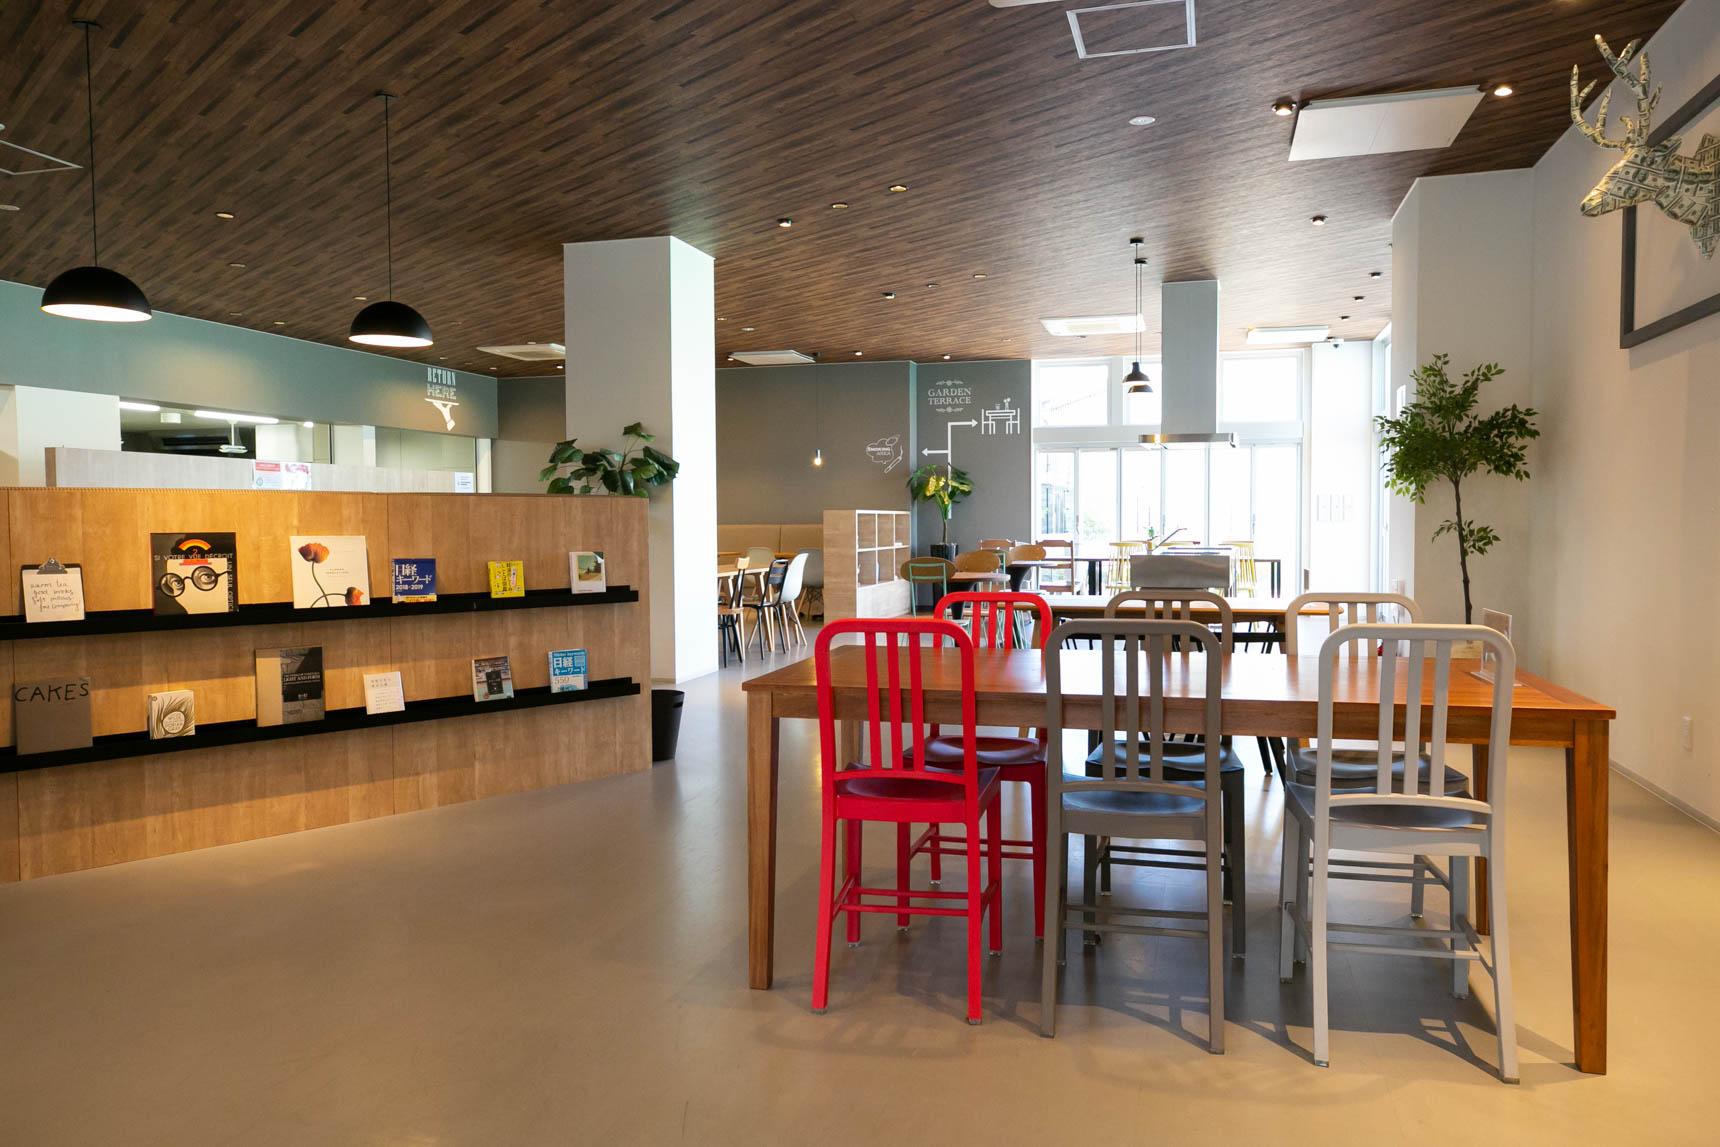 一番大きな特徴は、開放的でおしゃれな食堂スペースが大きくとられていること。